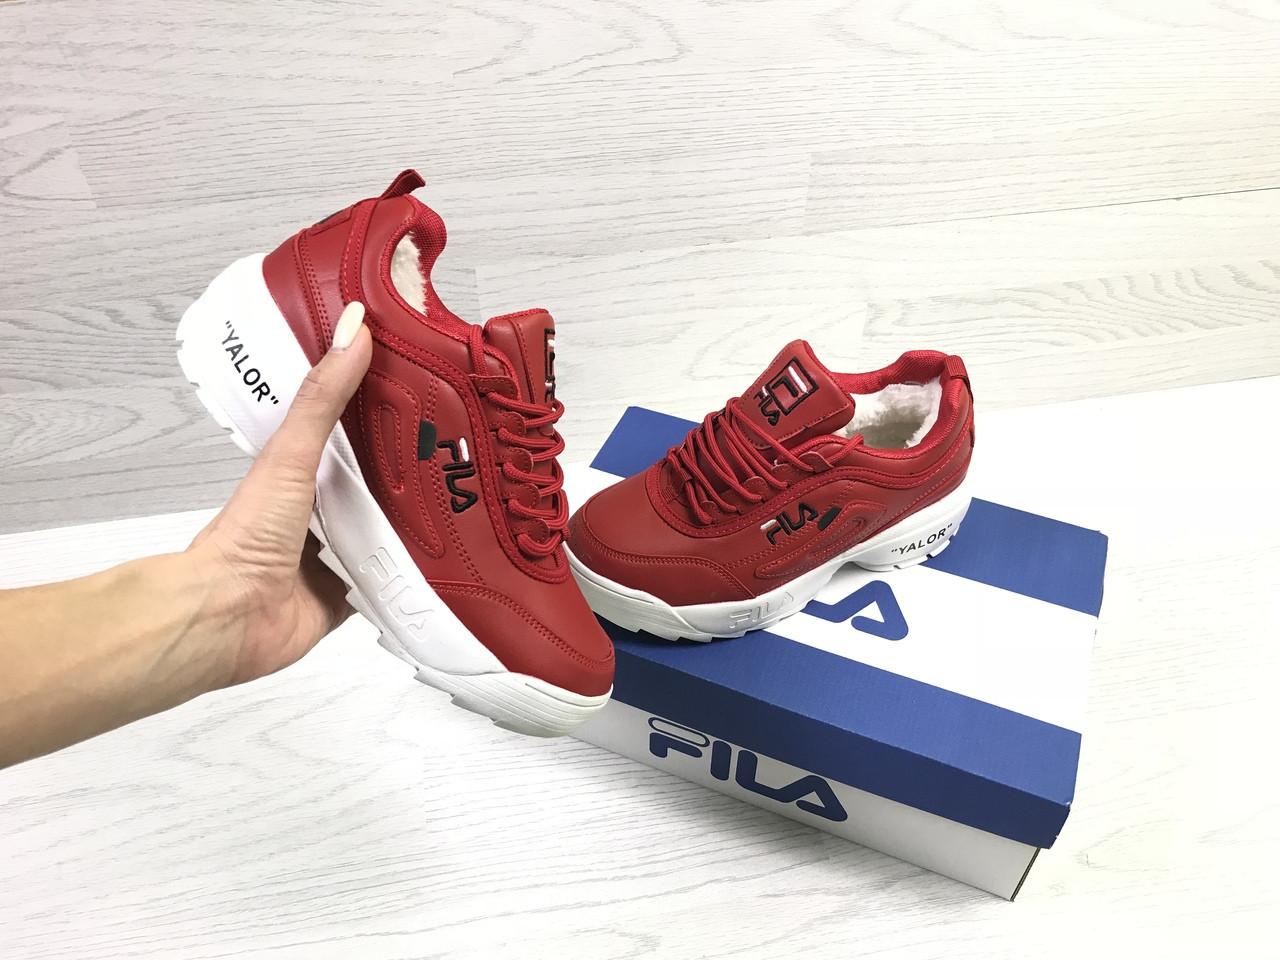 5f4a393ec Зимние женские кроссовки Fila Yalor красные / кроссовки женские зимние Фила  - ALL-IN в